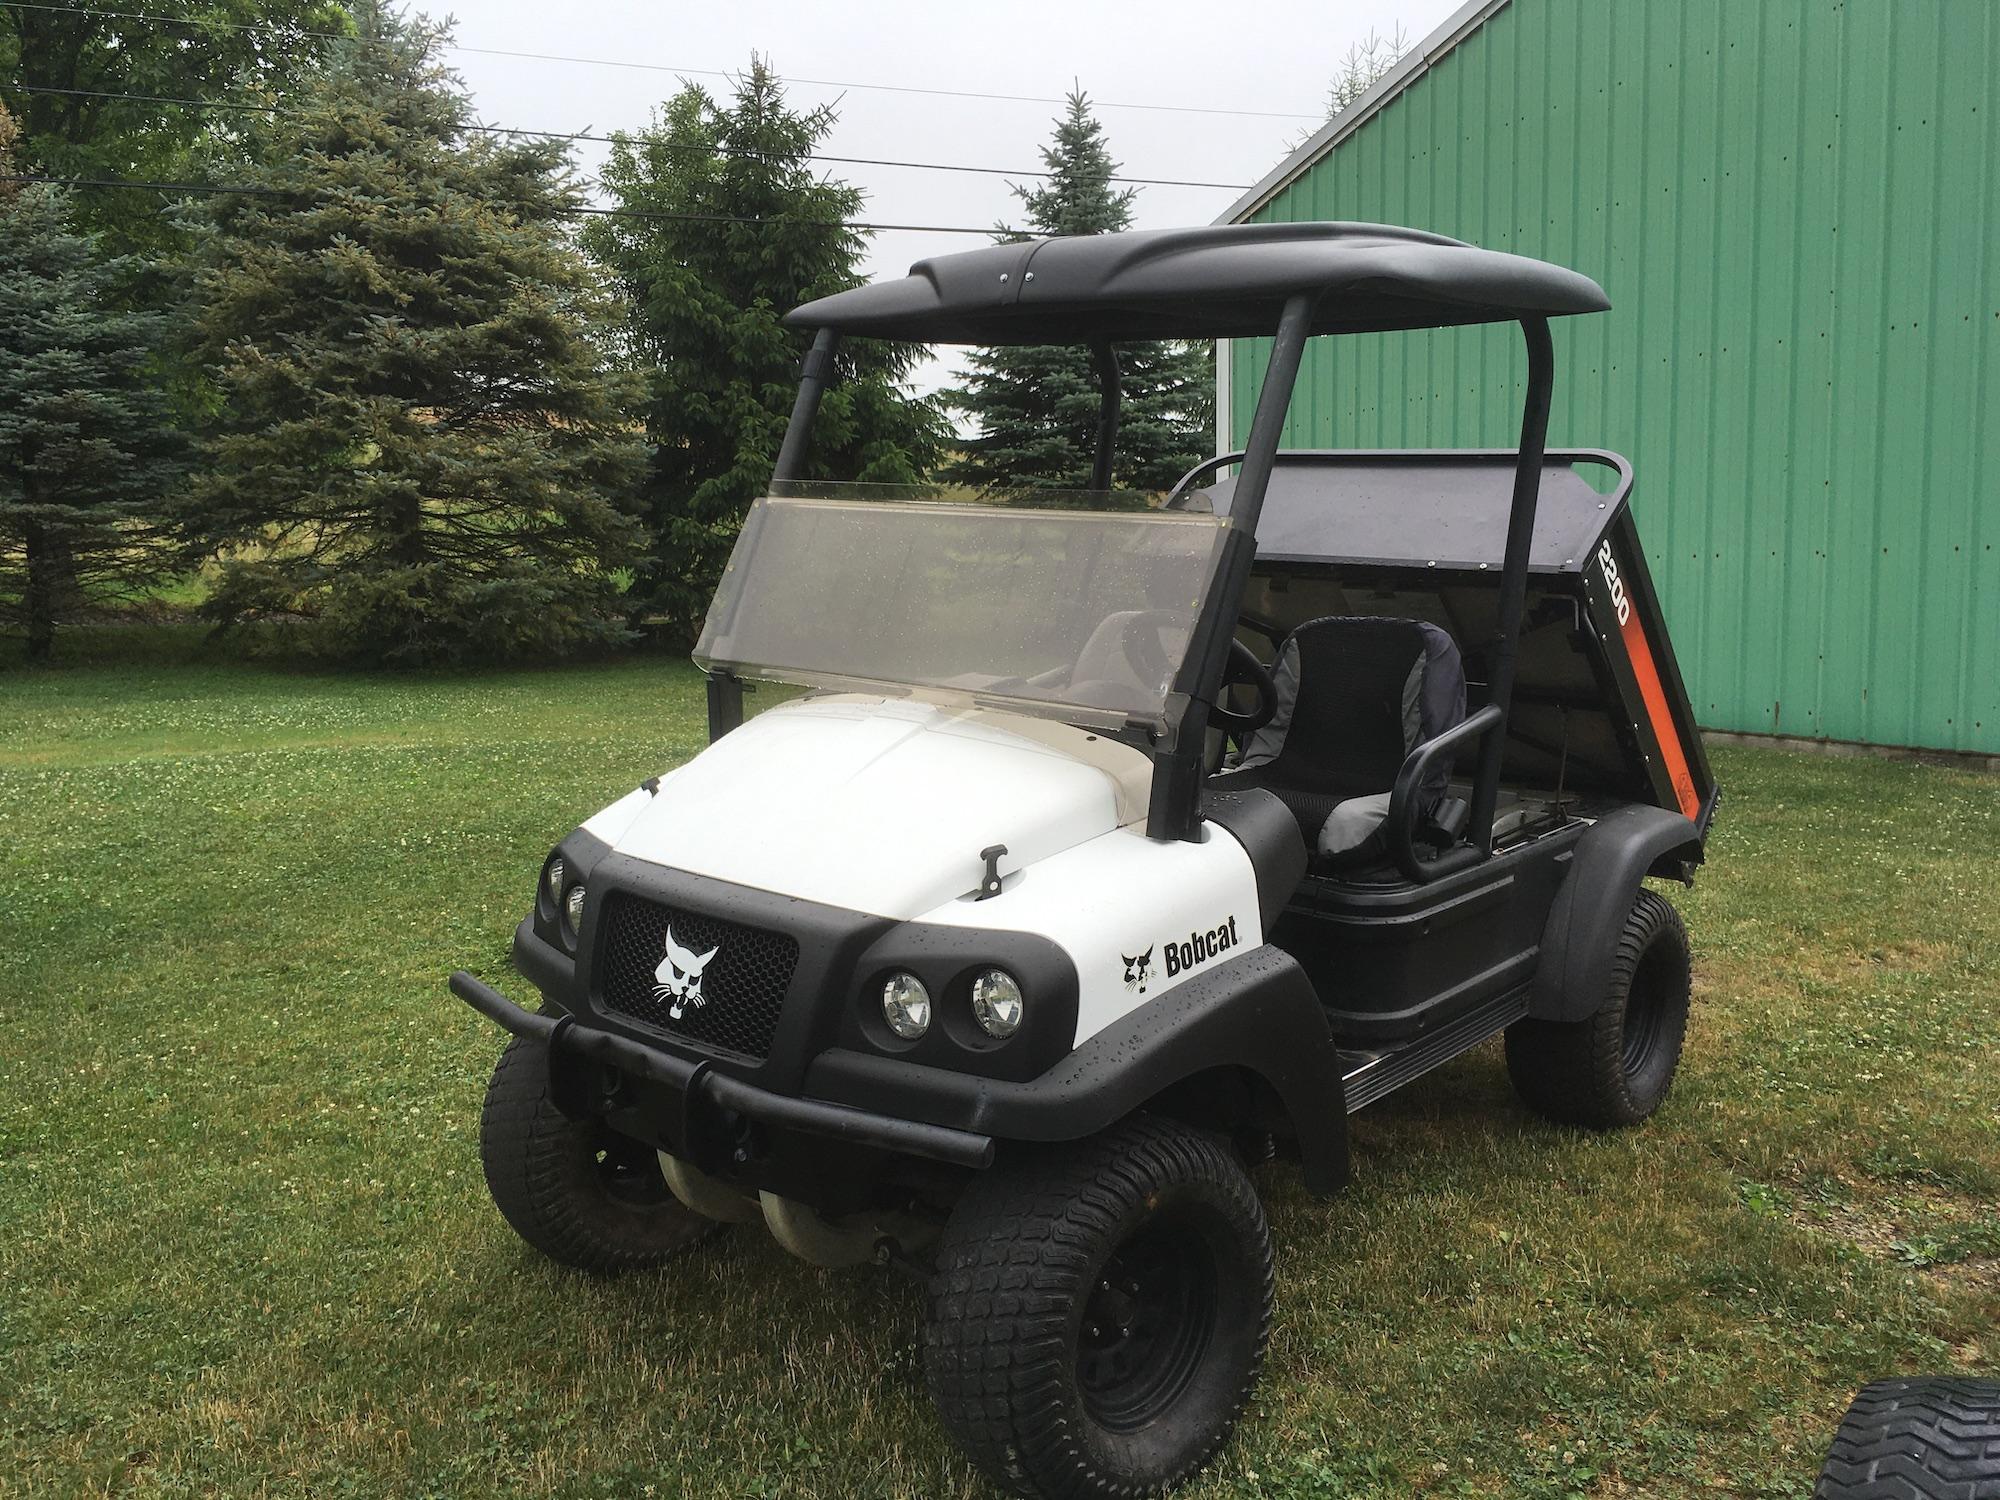 Bobcat-2200-Utility-Vehicle-1